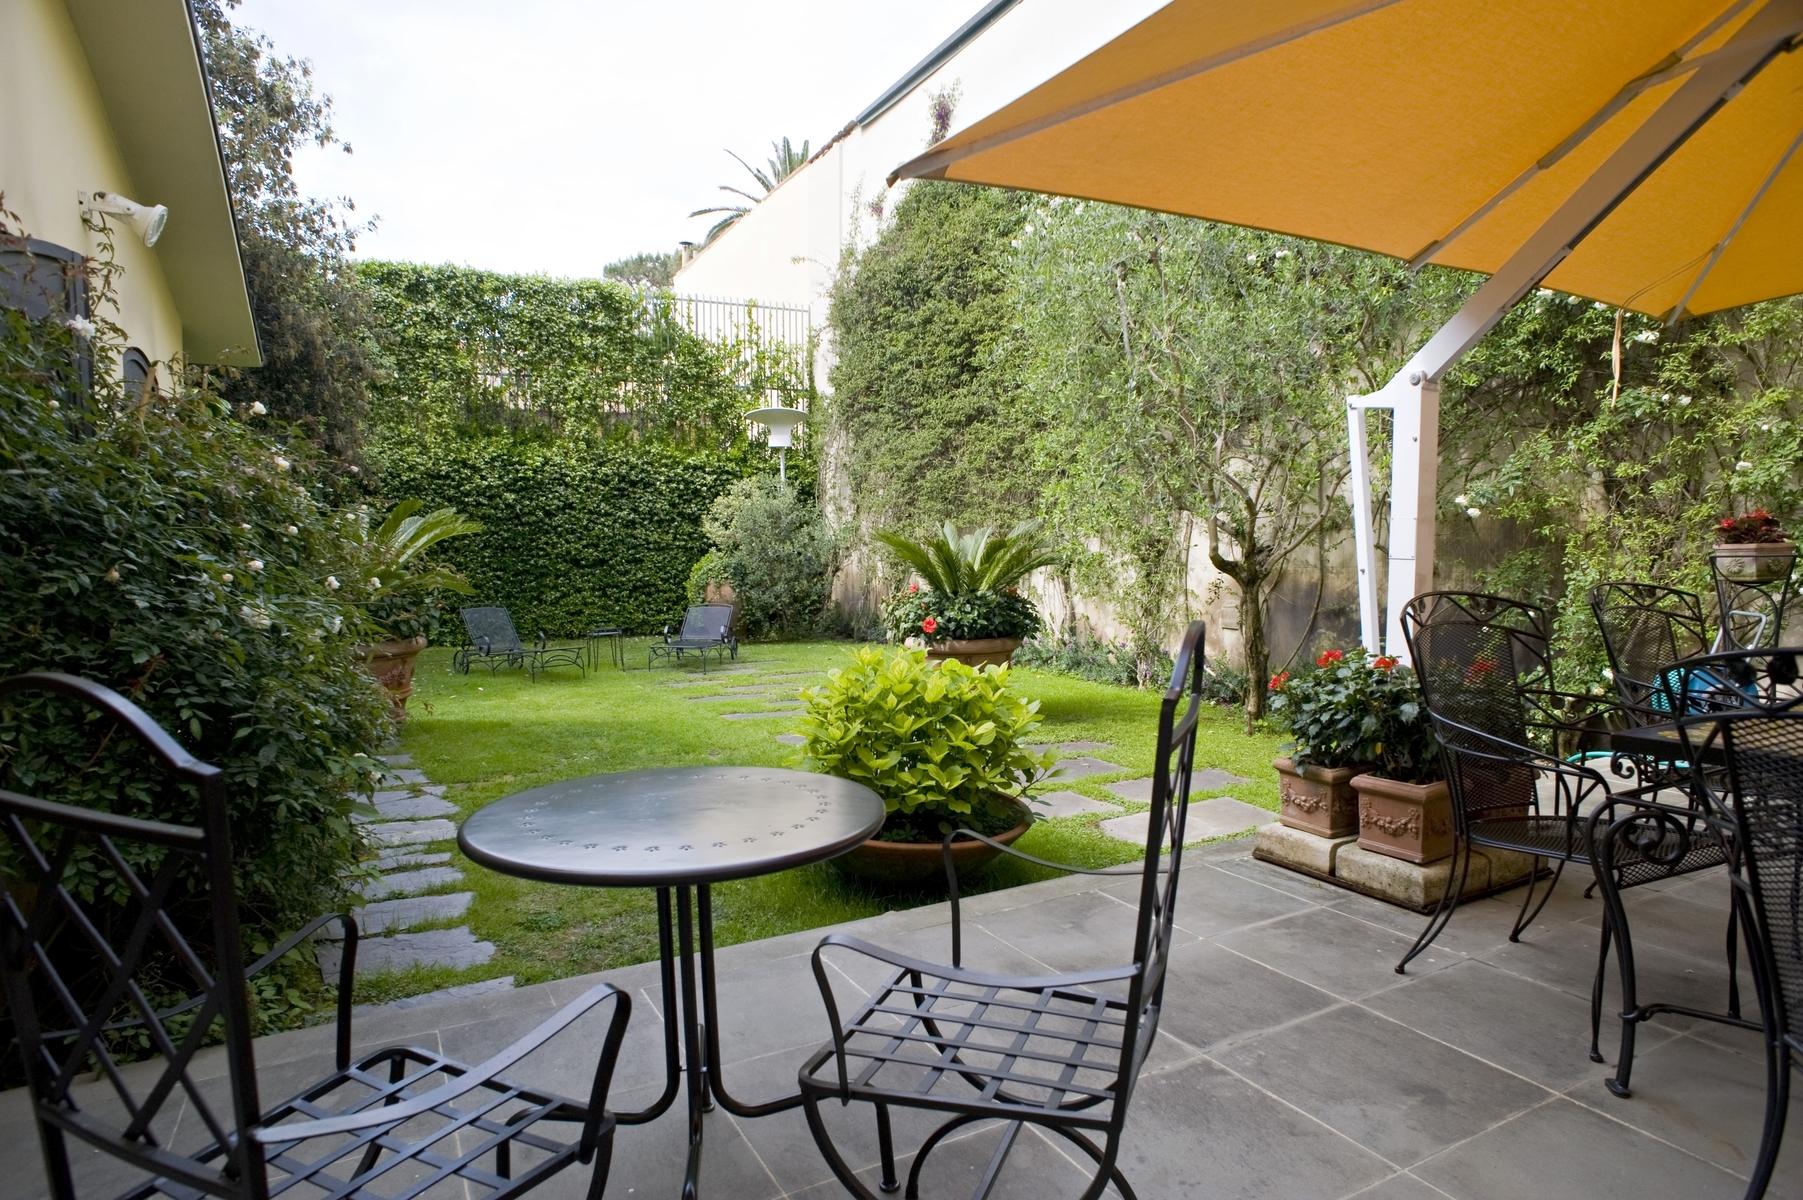 La villa borghese chambre d 39 hote viareggio lucques - Chambres d hotes la villa alienor ...